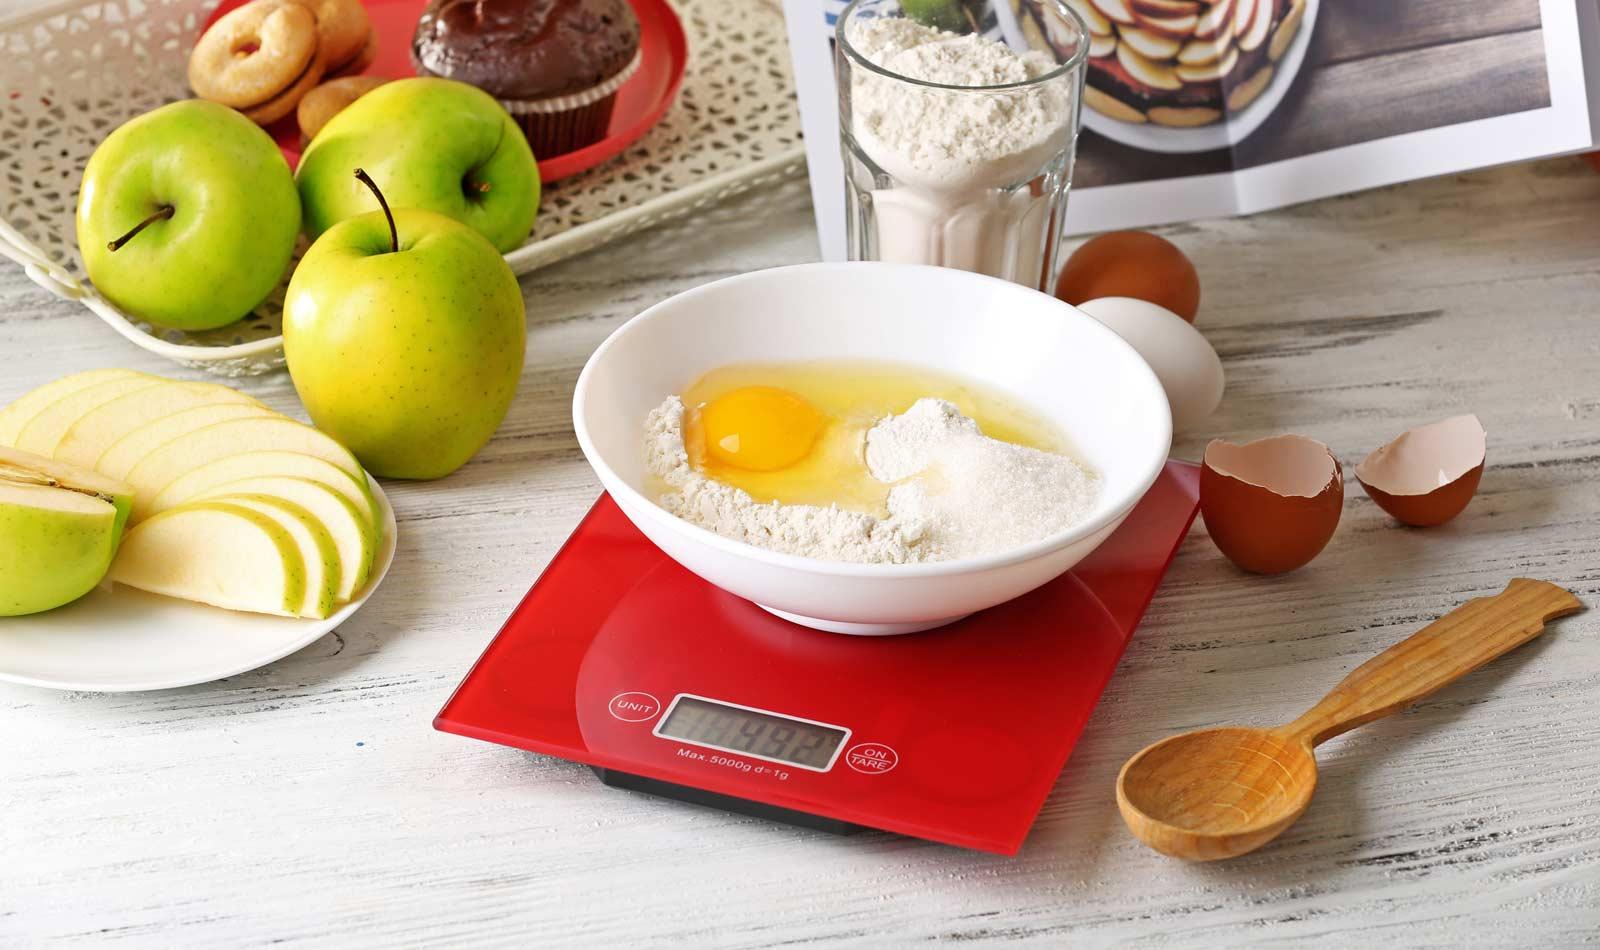 Bilancia da cucina elettronica digitale i migliori - Silvercrest bilancia digitale da cucina ...